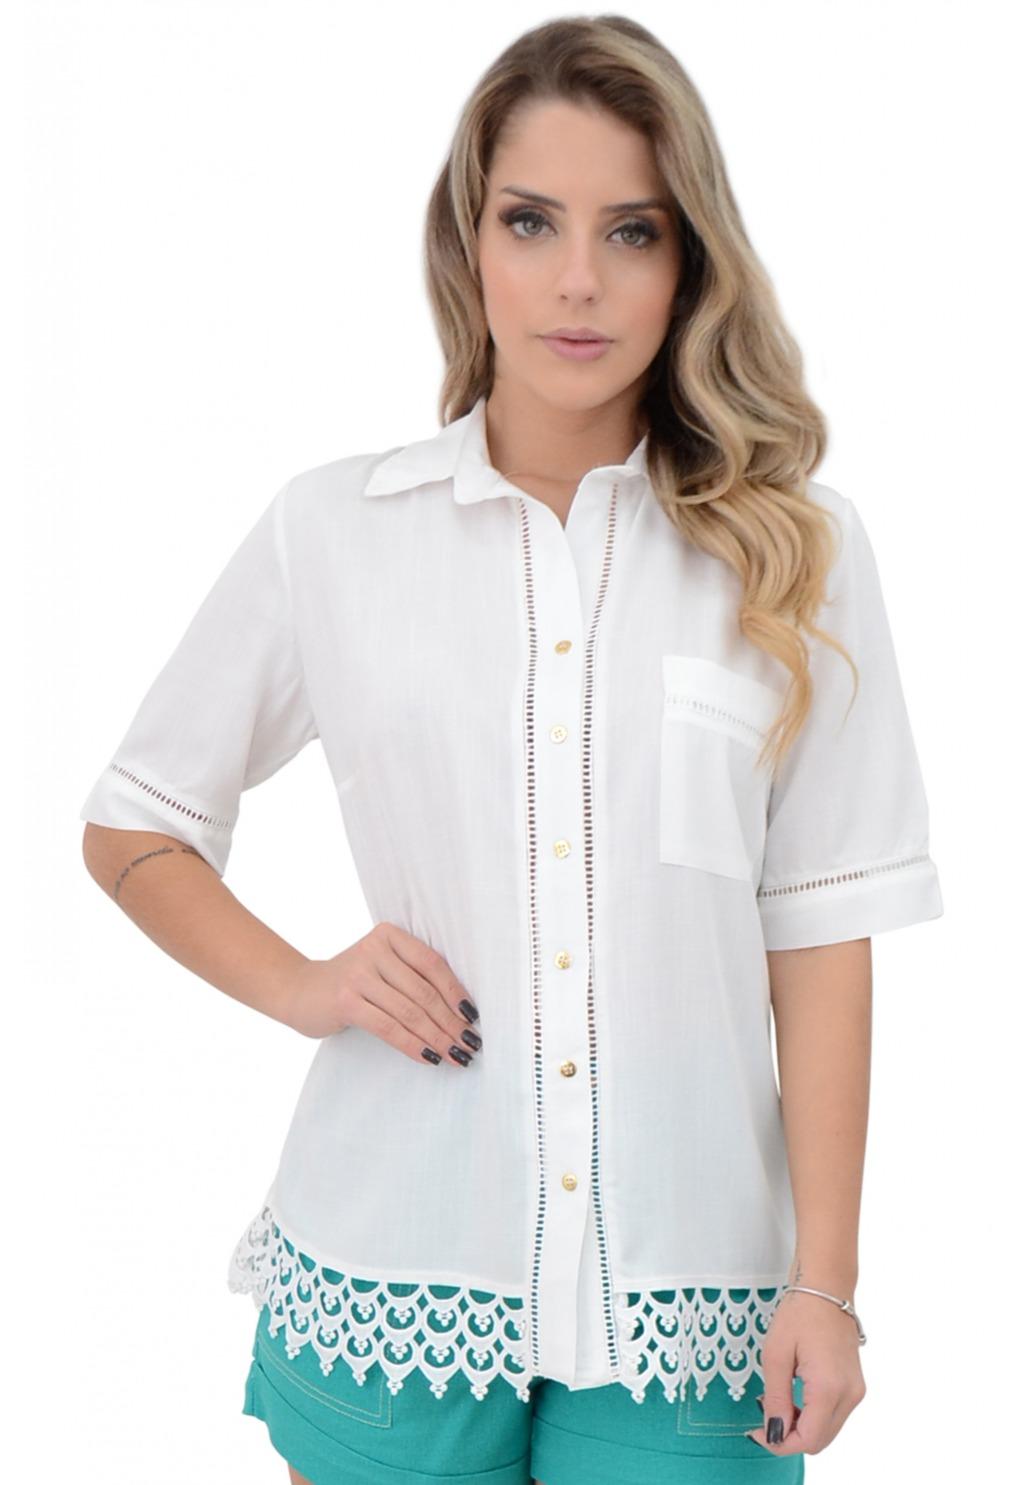 Camisa Mamorena 3/4 renda guipir barra